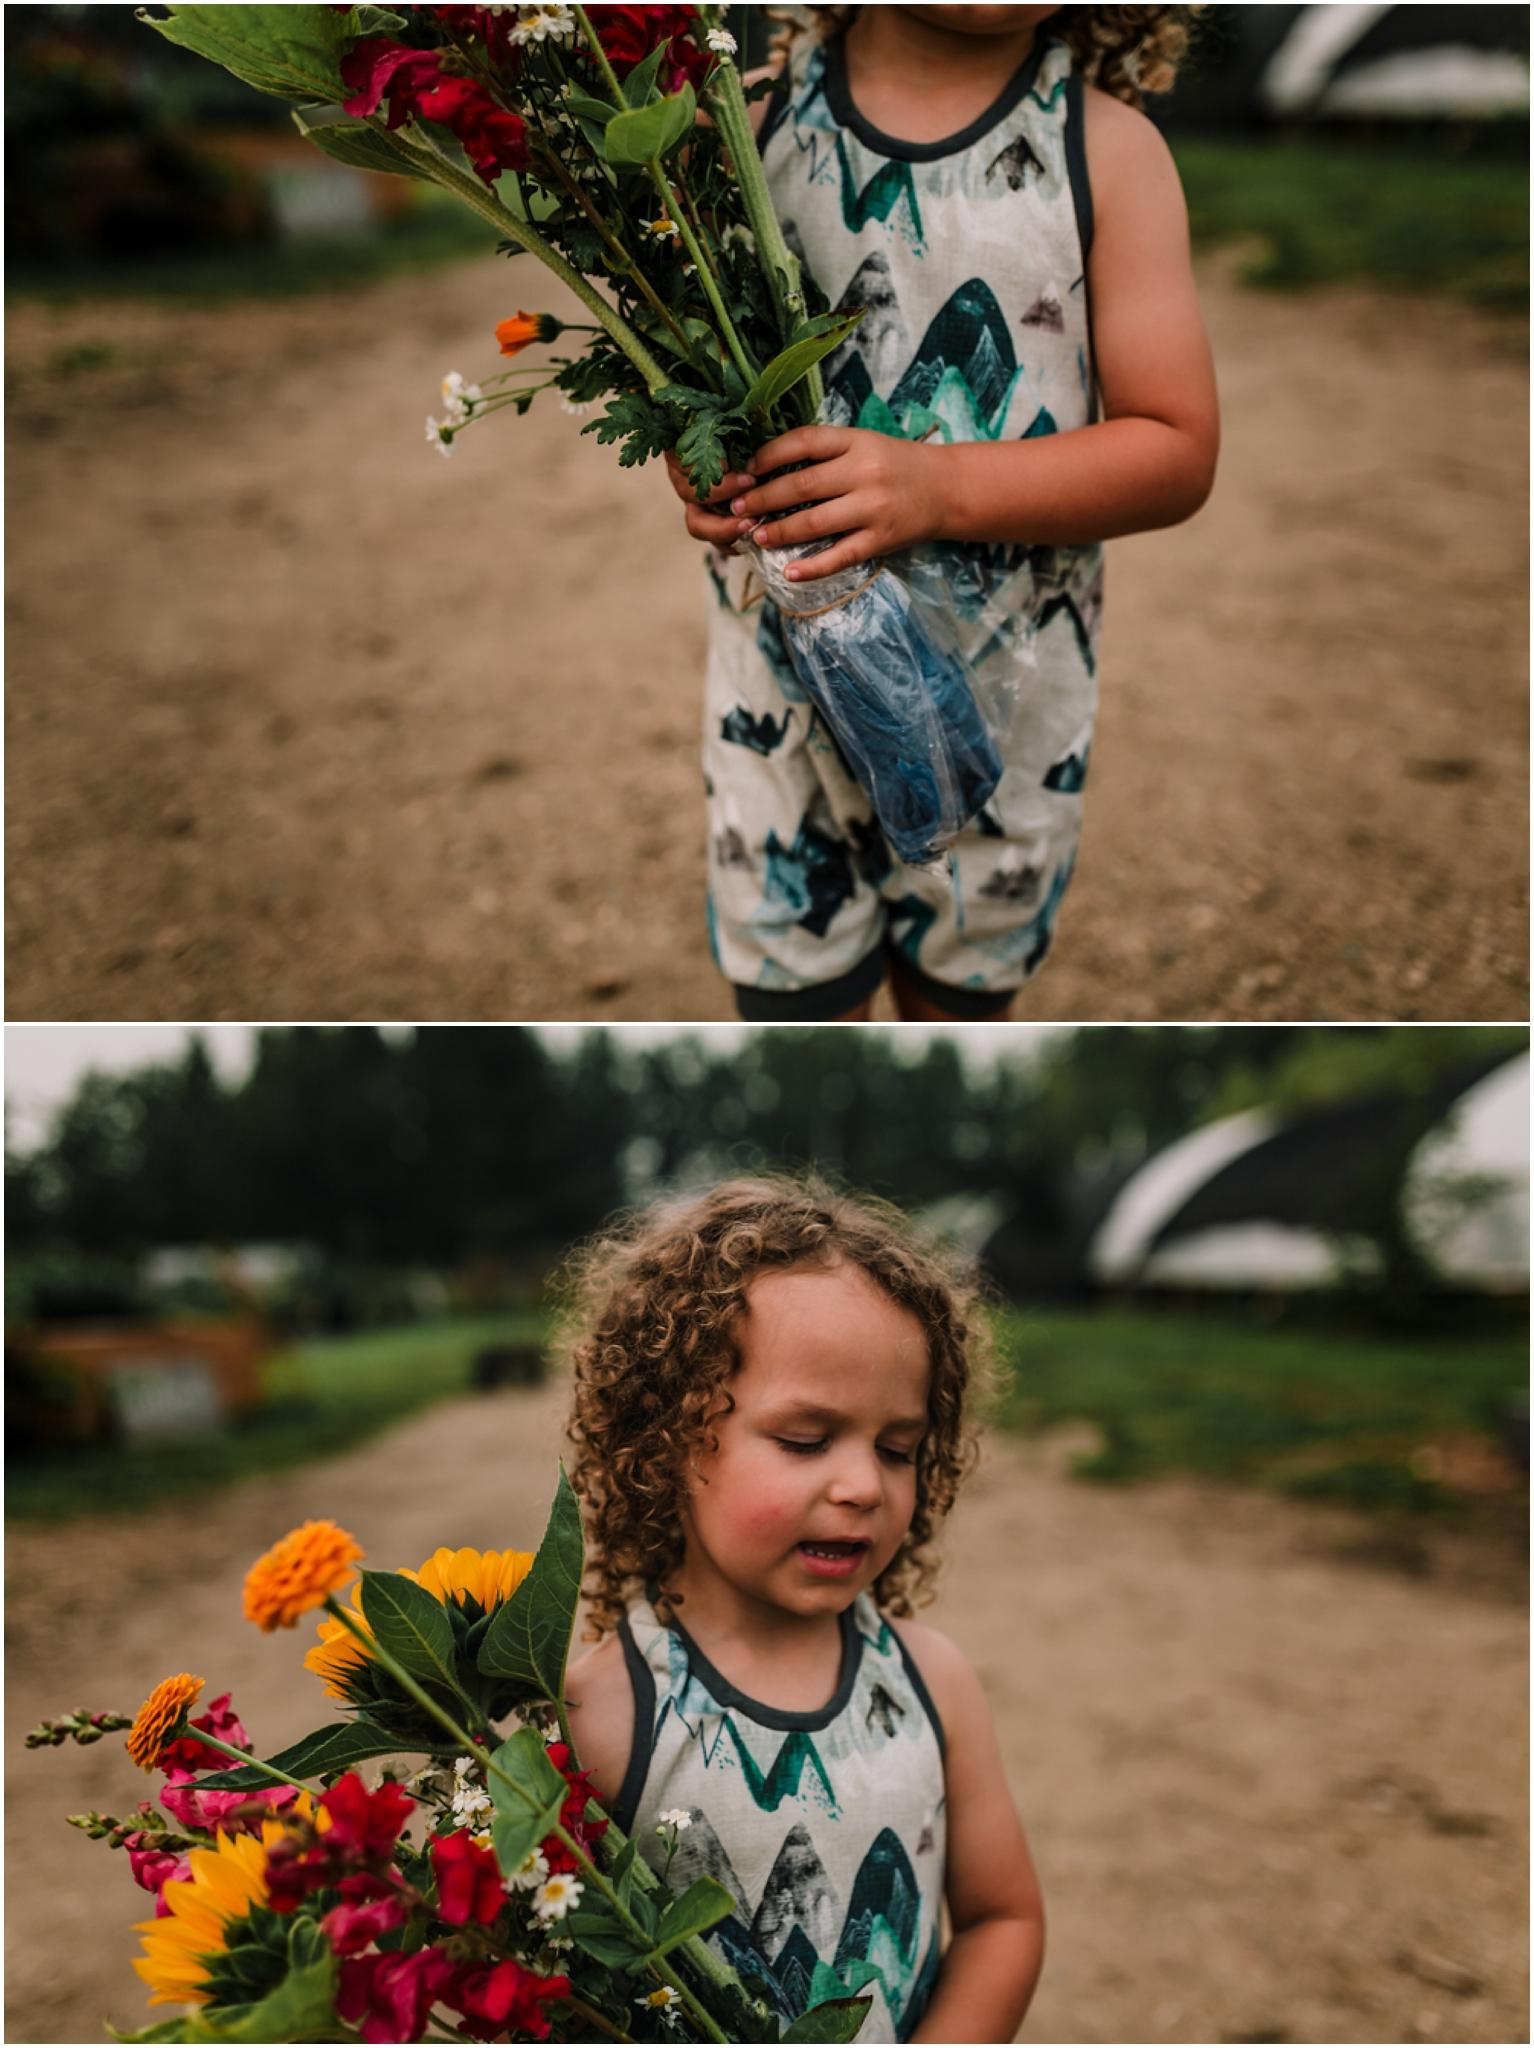 Treelines Photography - Edmonton Family Lifestyle Photography - Edmonton Flower Farm